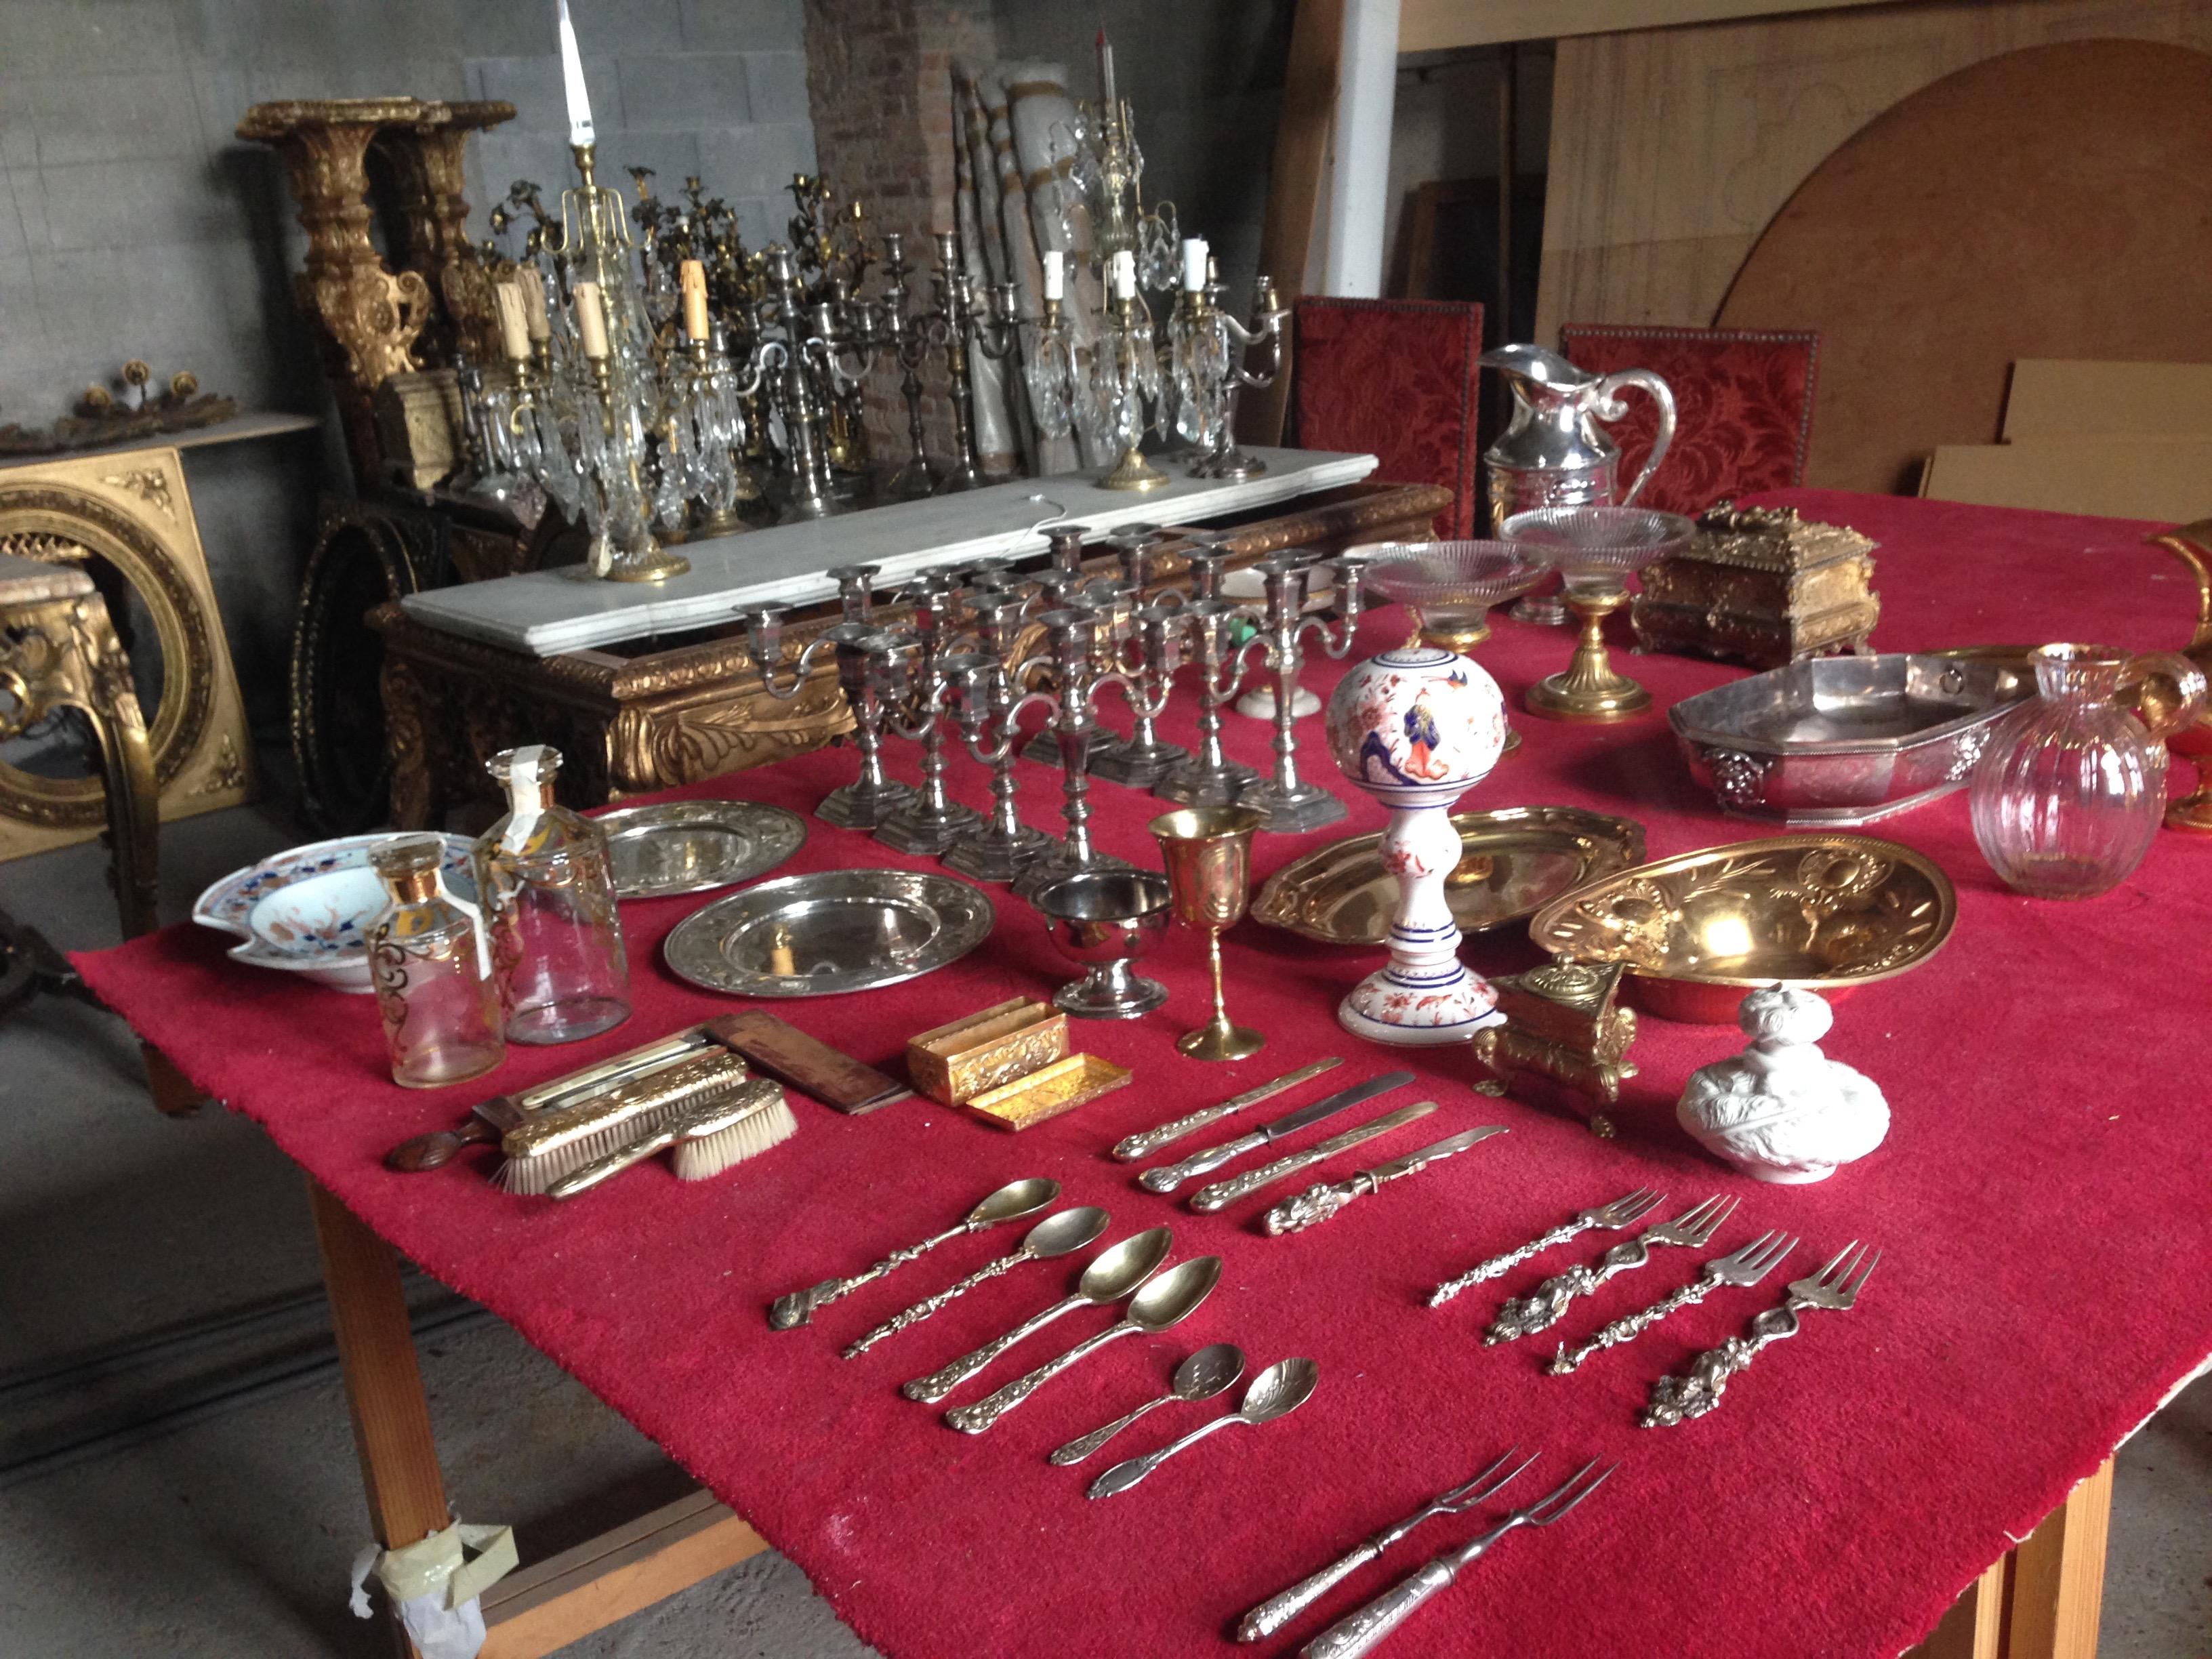 Accessoires de table (photographie de Laura Poulvet).